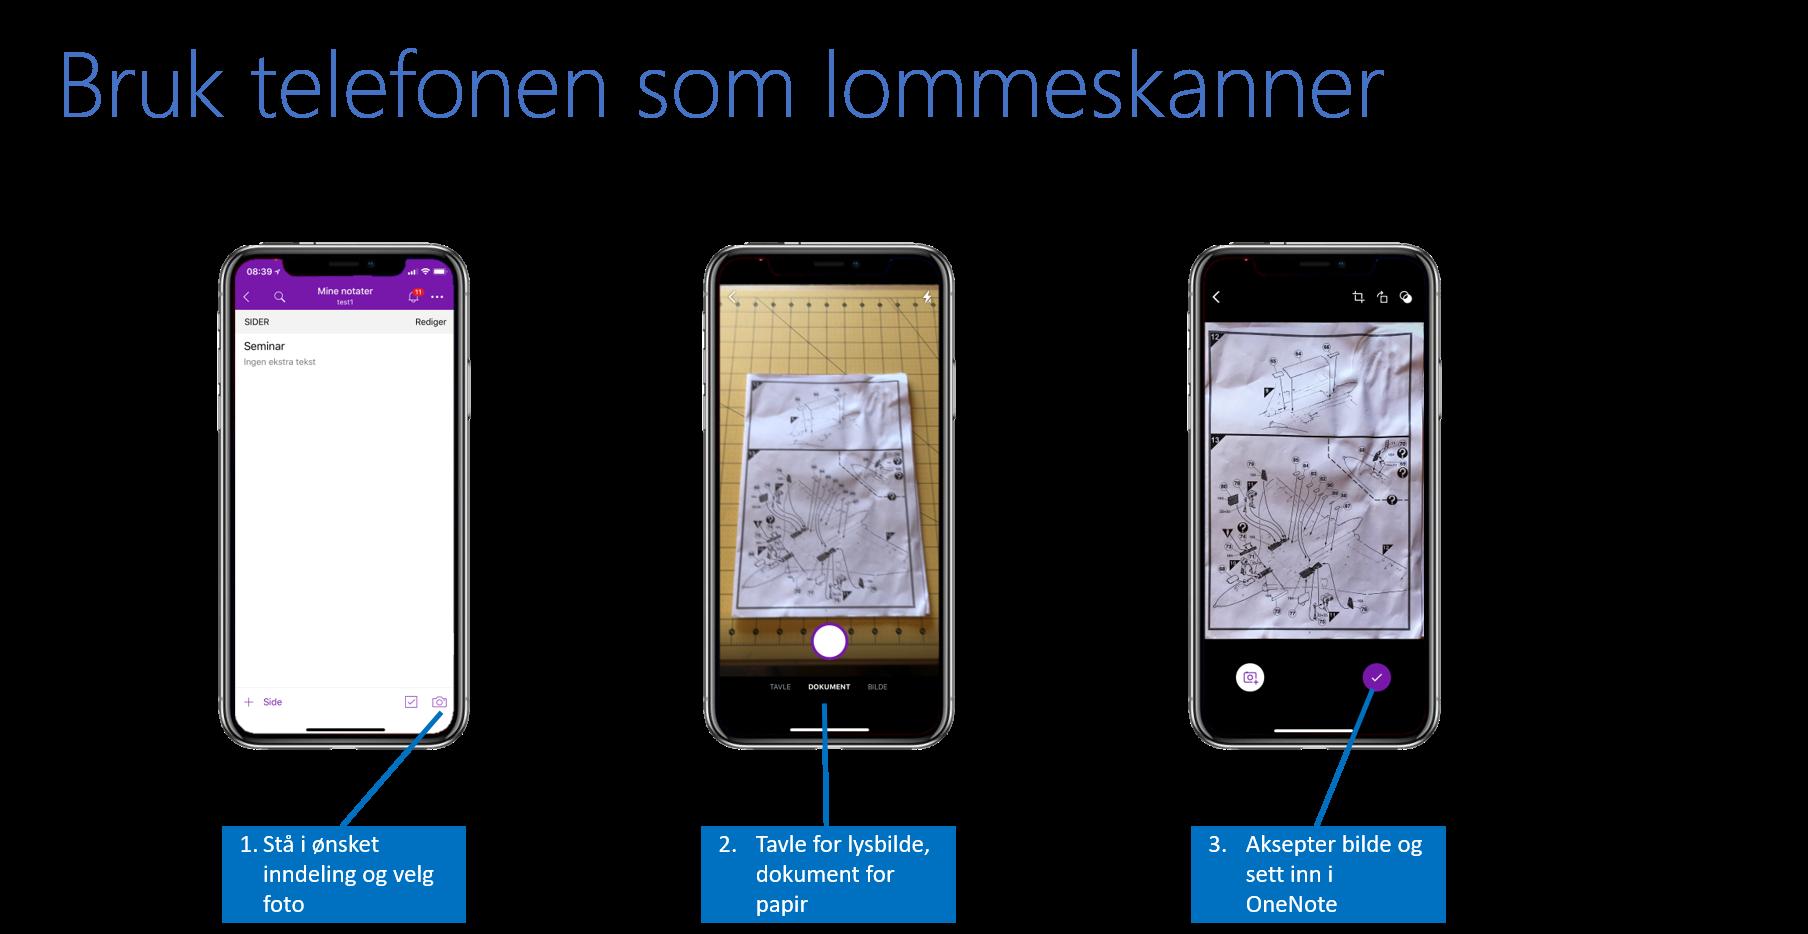 Bildet viser bruk av telefon til å skanne notater og ta bilde aV lysbilder